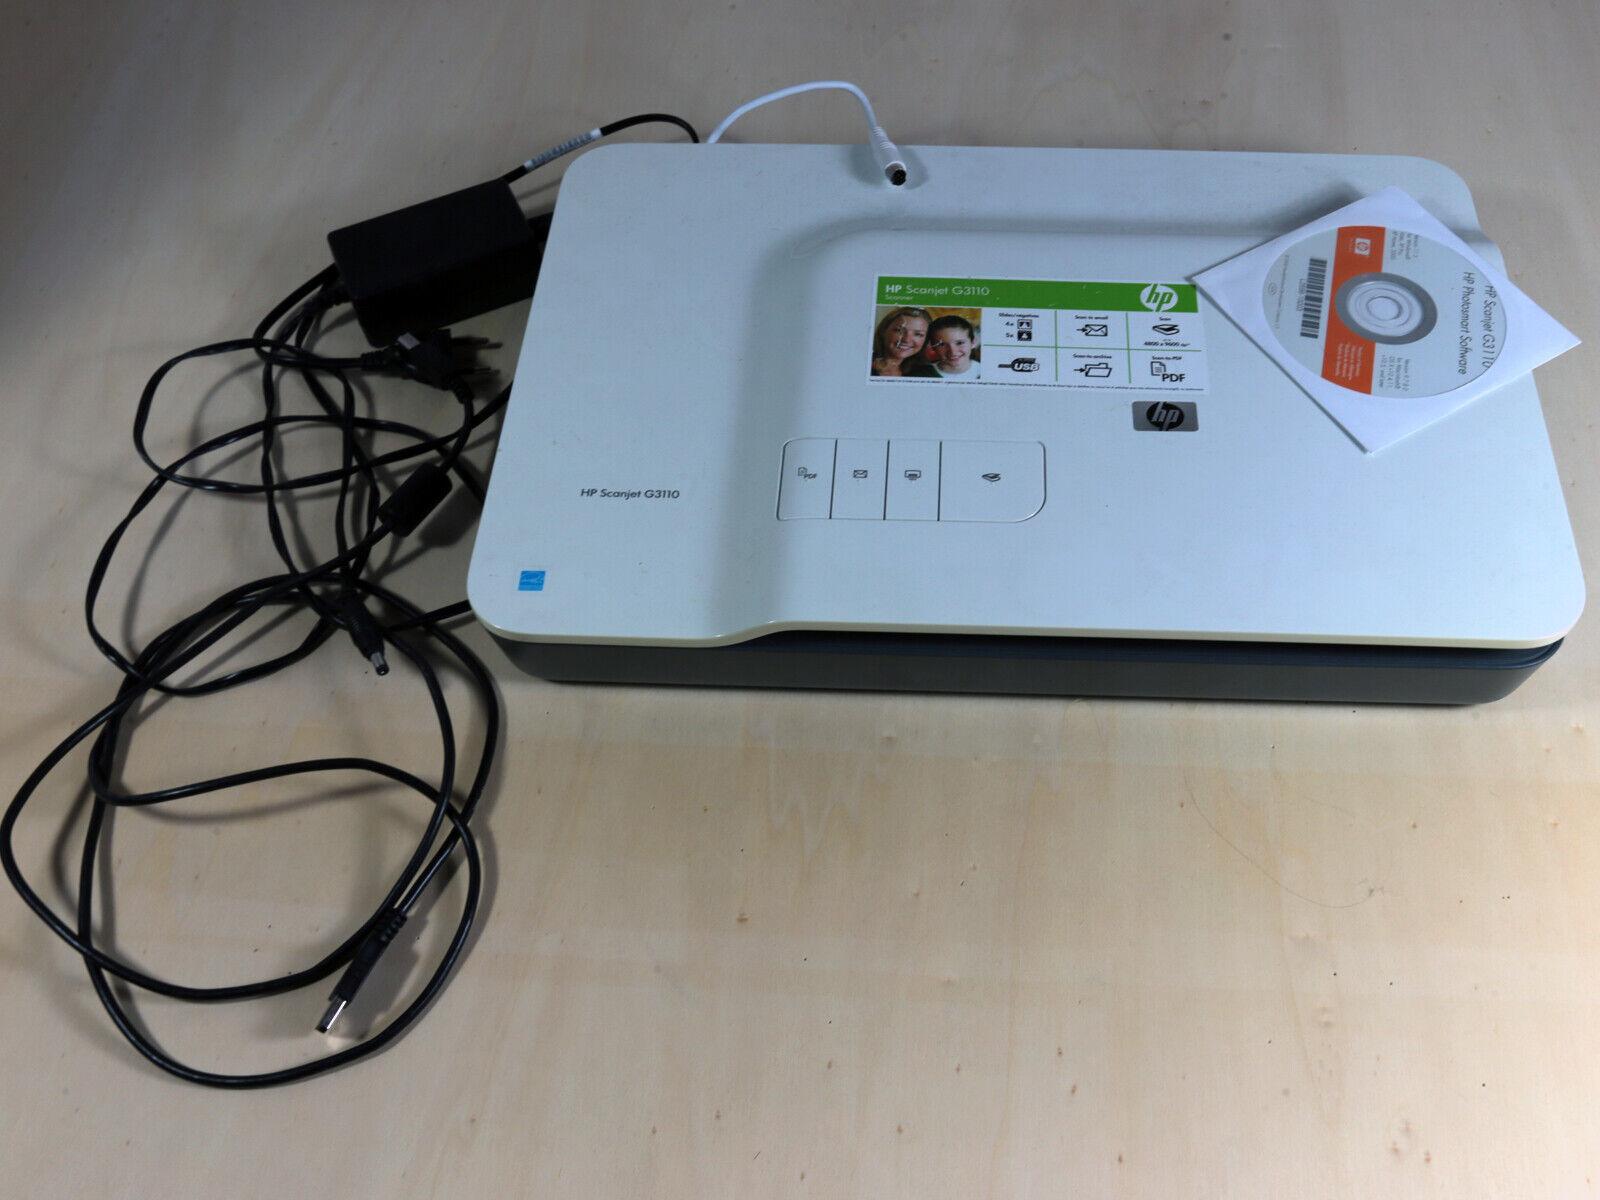 HP ScanJet G3110 Flachbettscanner. Diascanner, Negativscanner. Hewlett Packard.